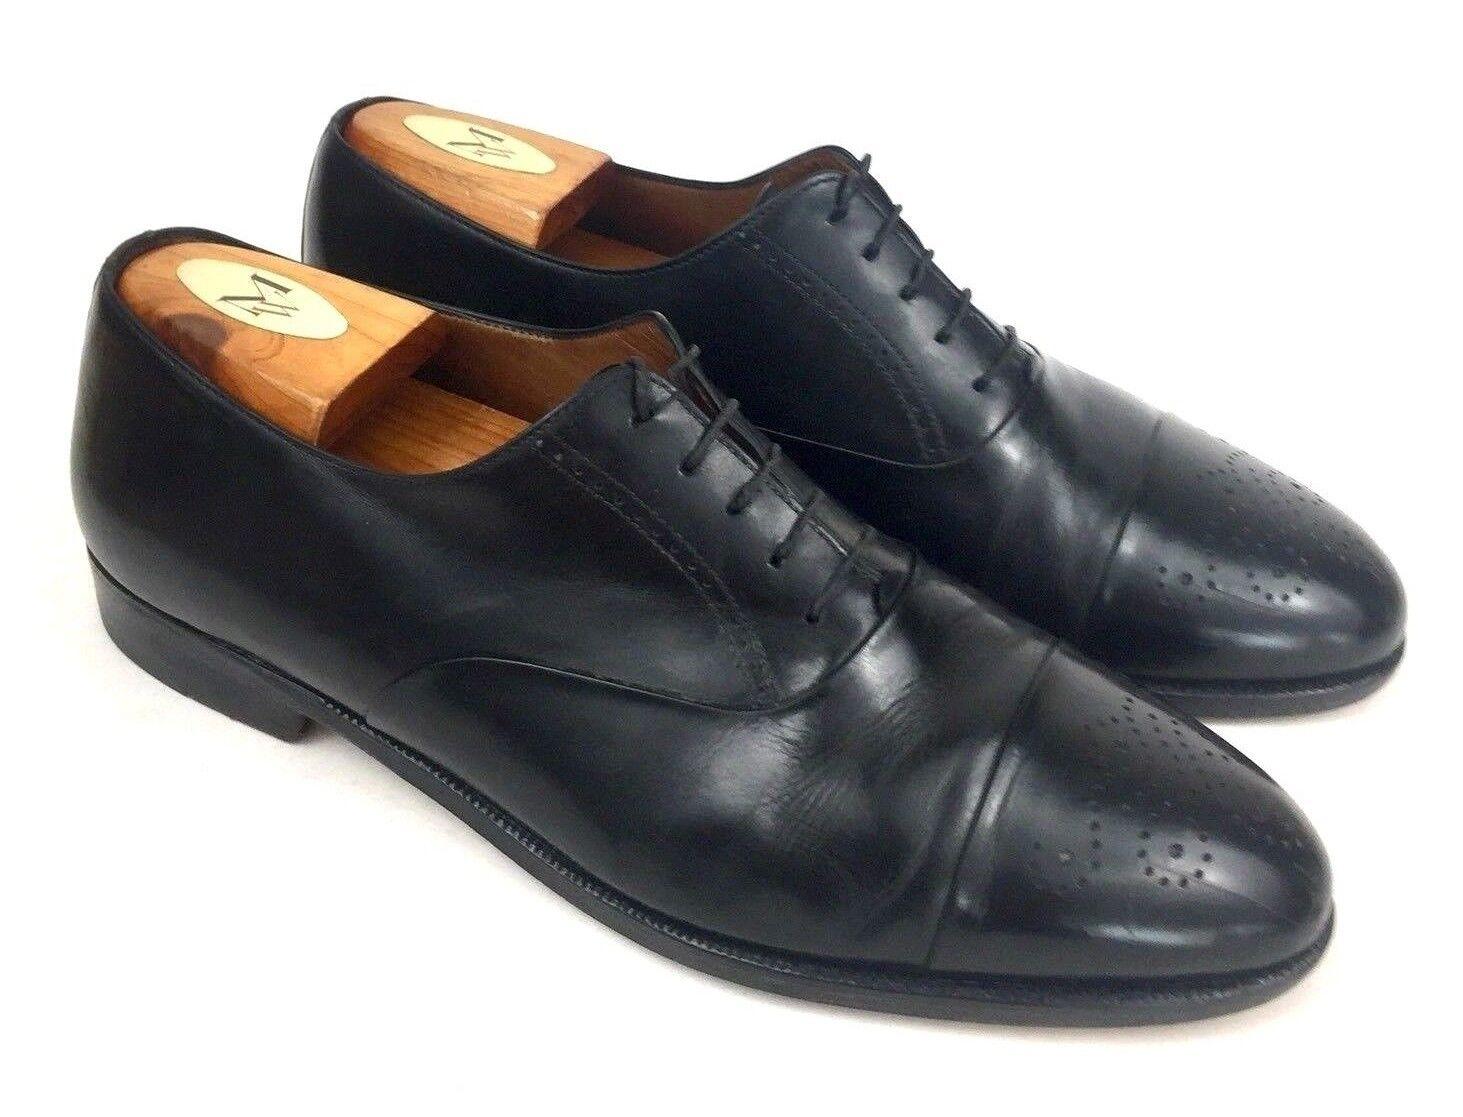 FERRAGAMO   Caesy Cuir Noir Cap Toe à Lacets Richelieu à Oxford   Homme 9.5 extra grand grand